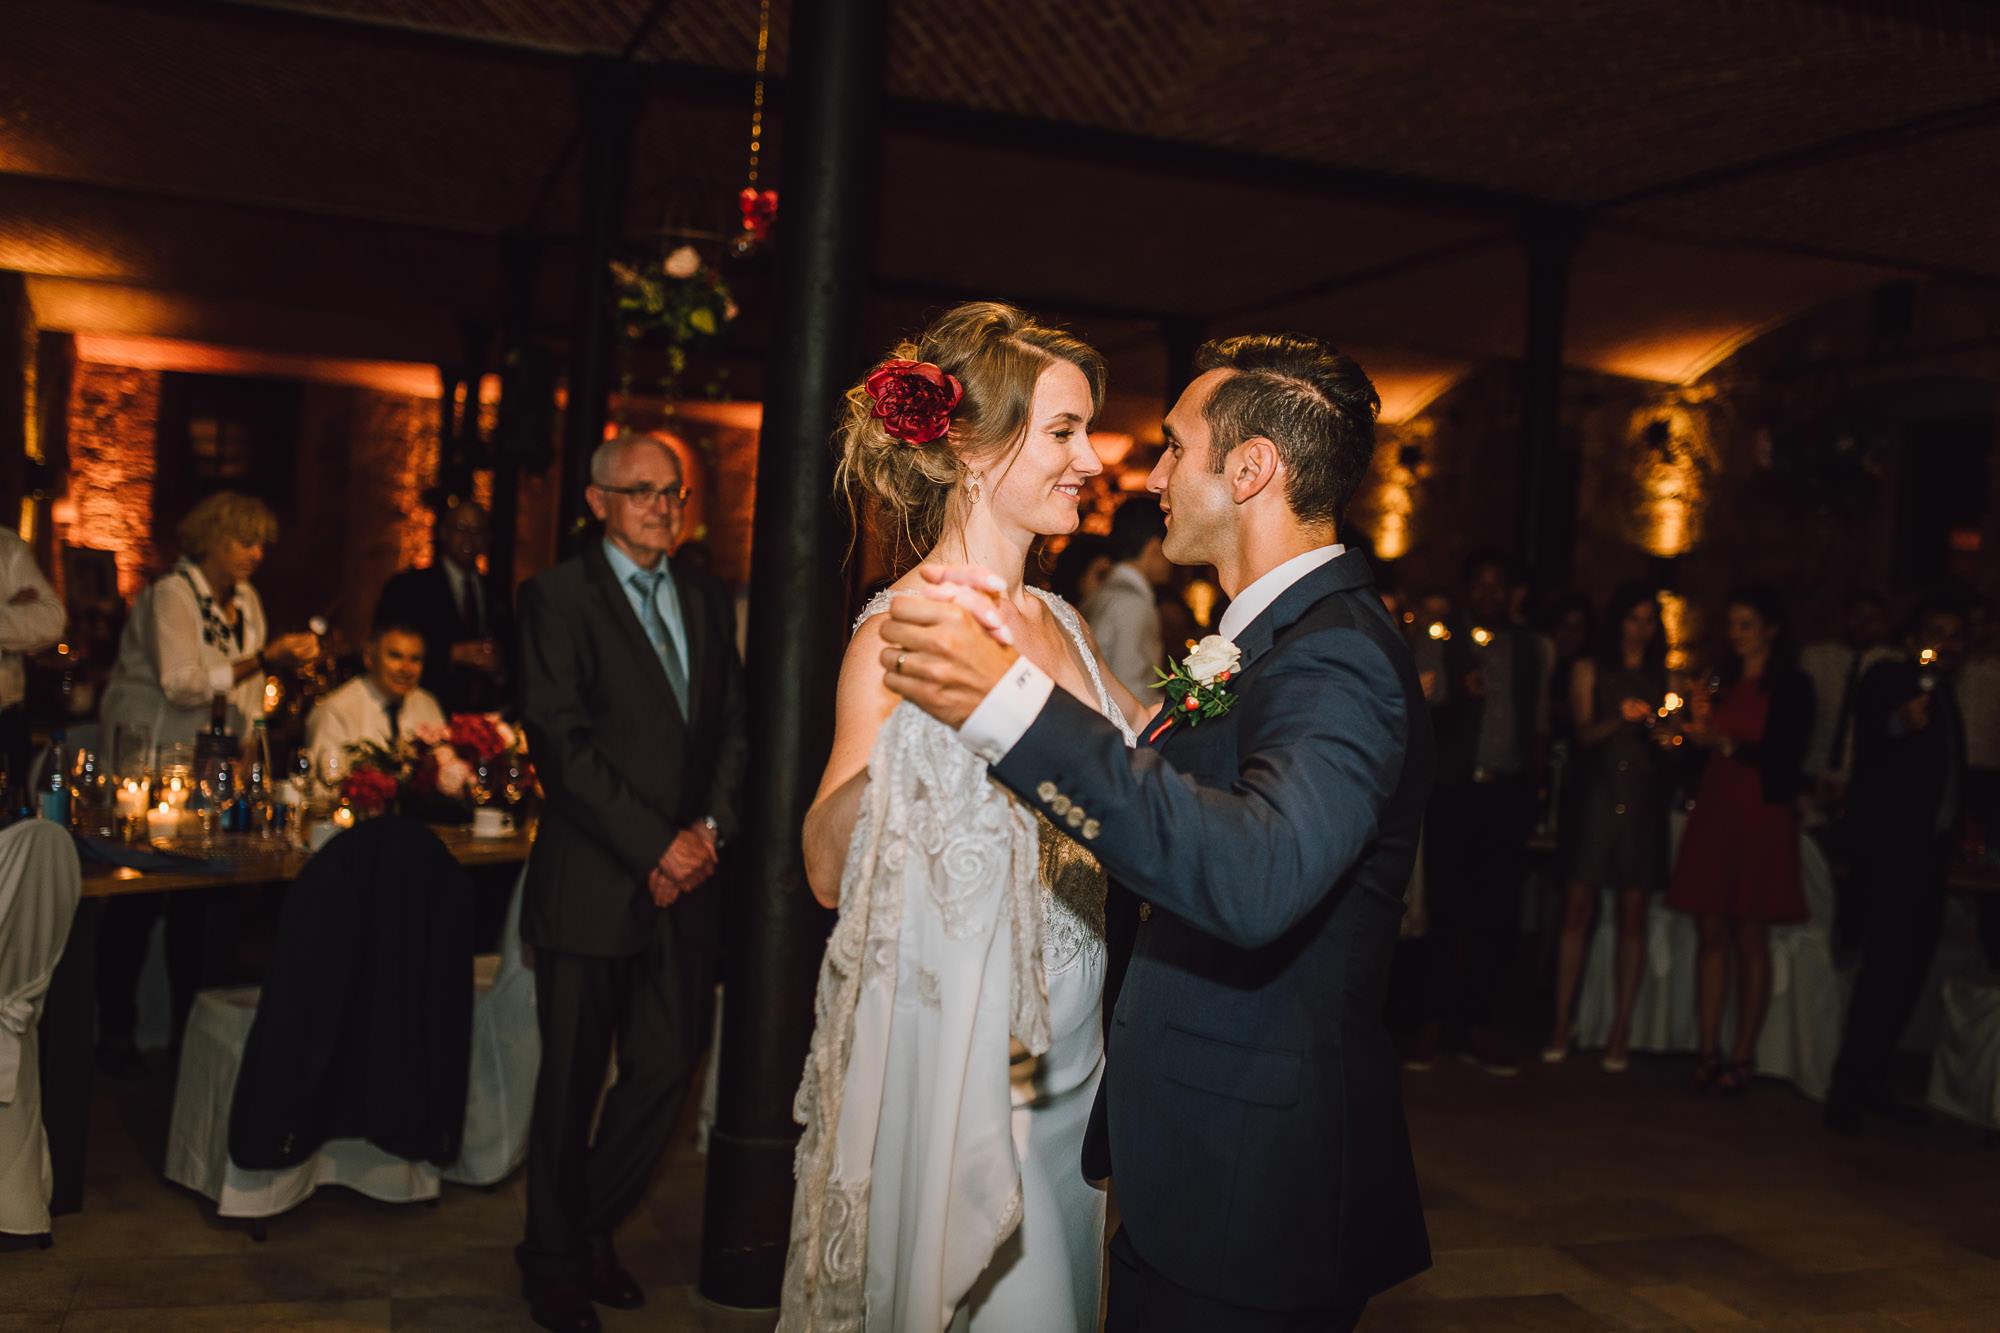 rustic-elegant-wedding-schloss-hochzeit-eyrichshof-franken-bamberg-136